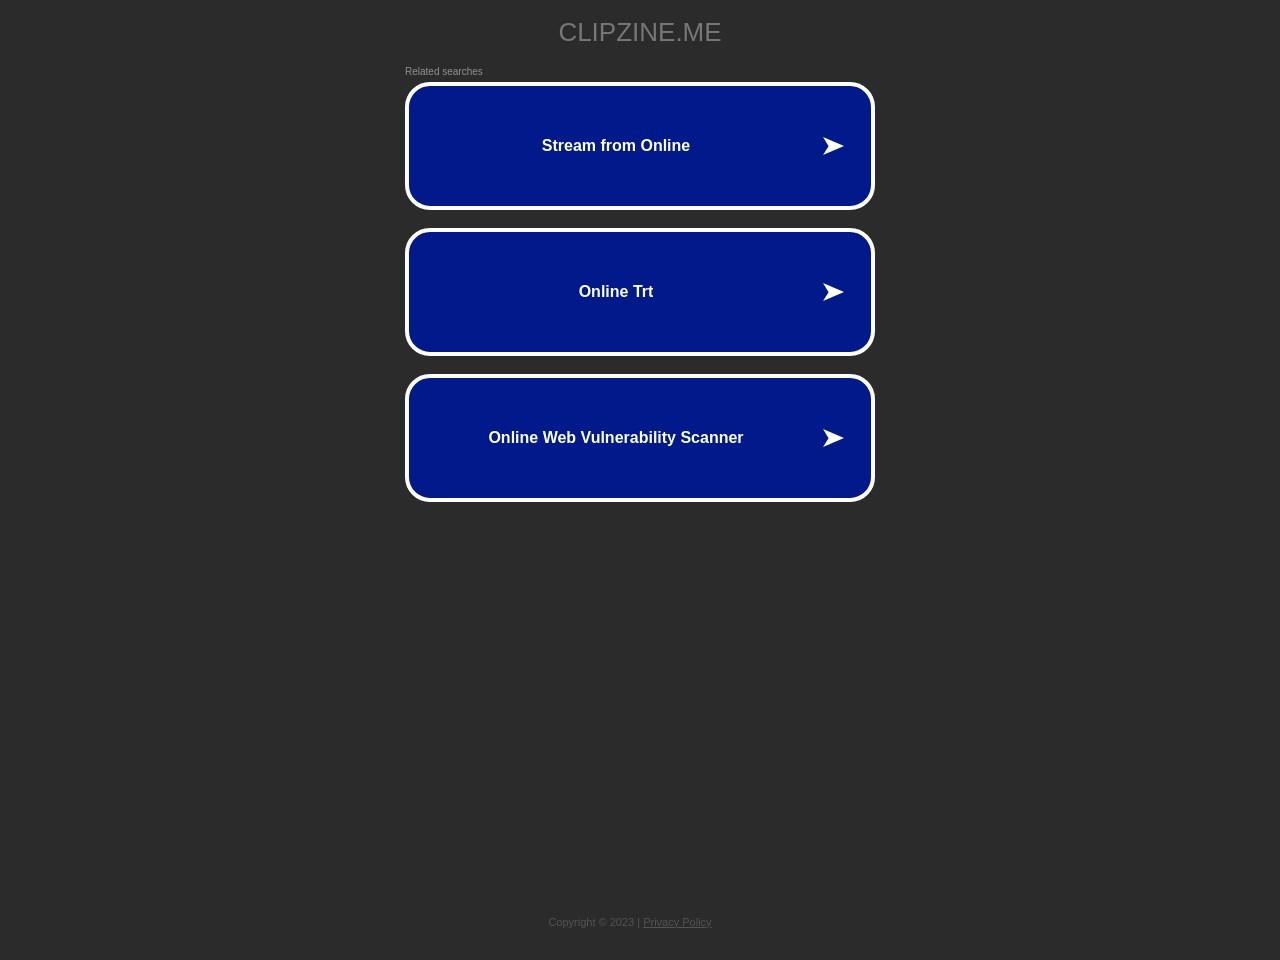 SoundEagle on Clipzine